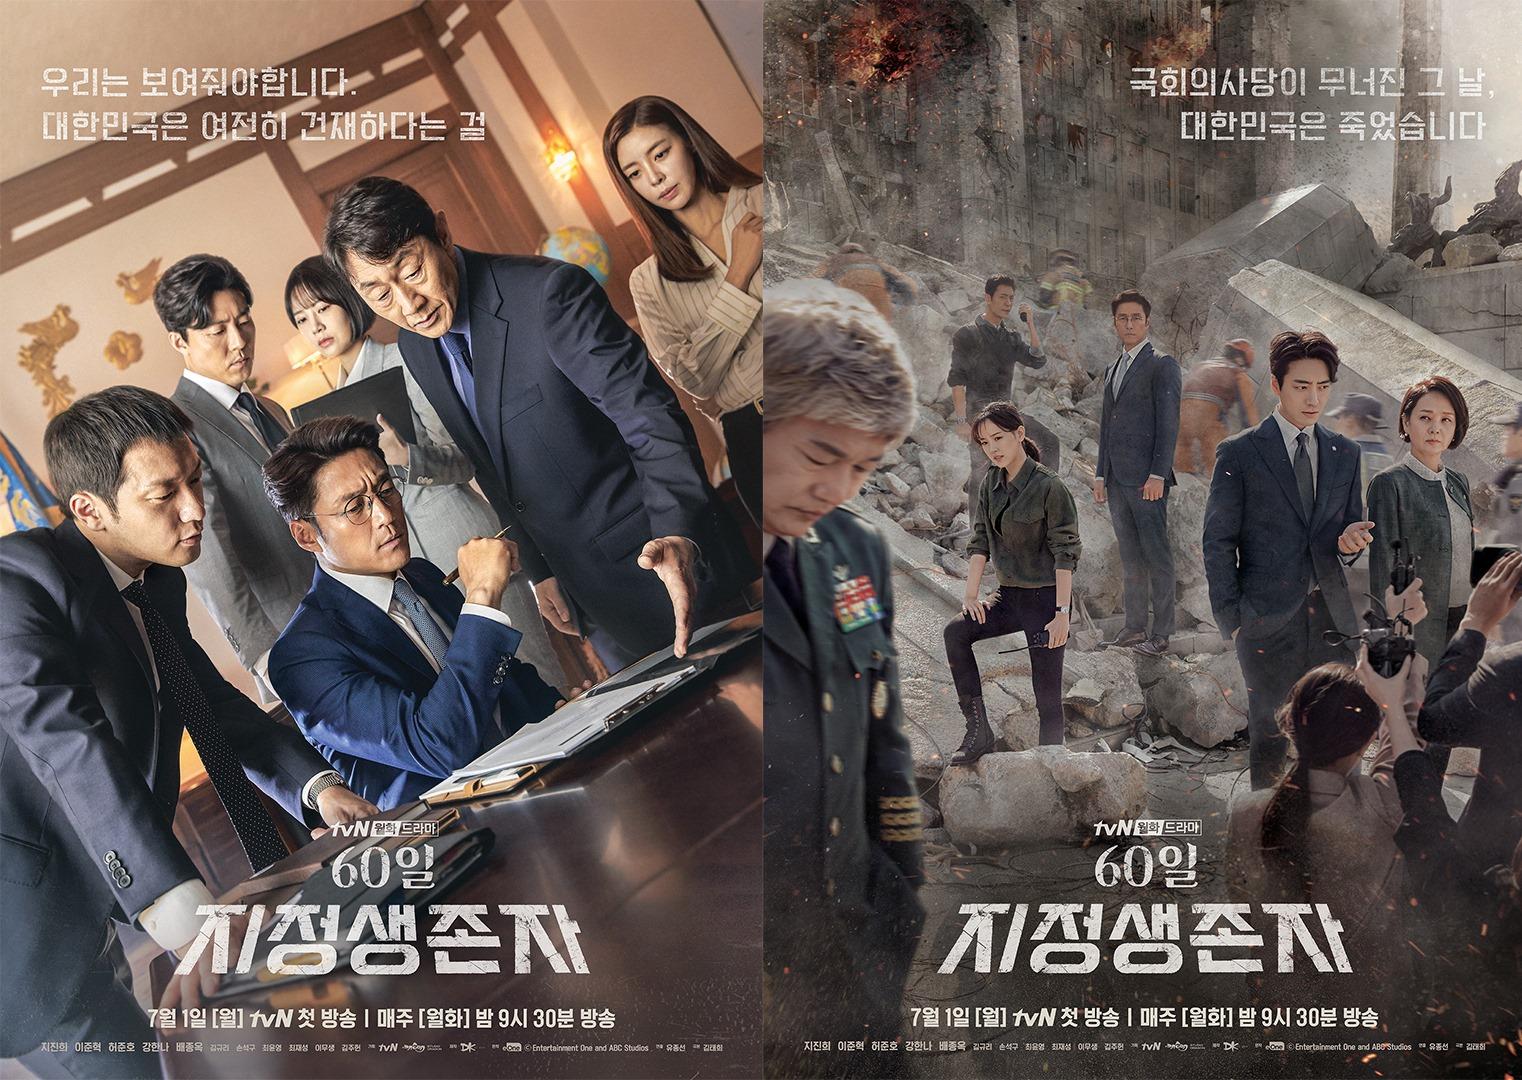 대립 포스터(집무실 vs 테러현장)